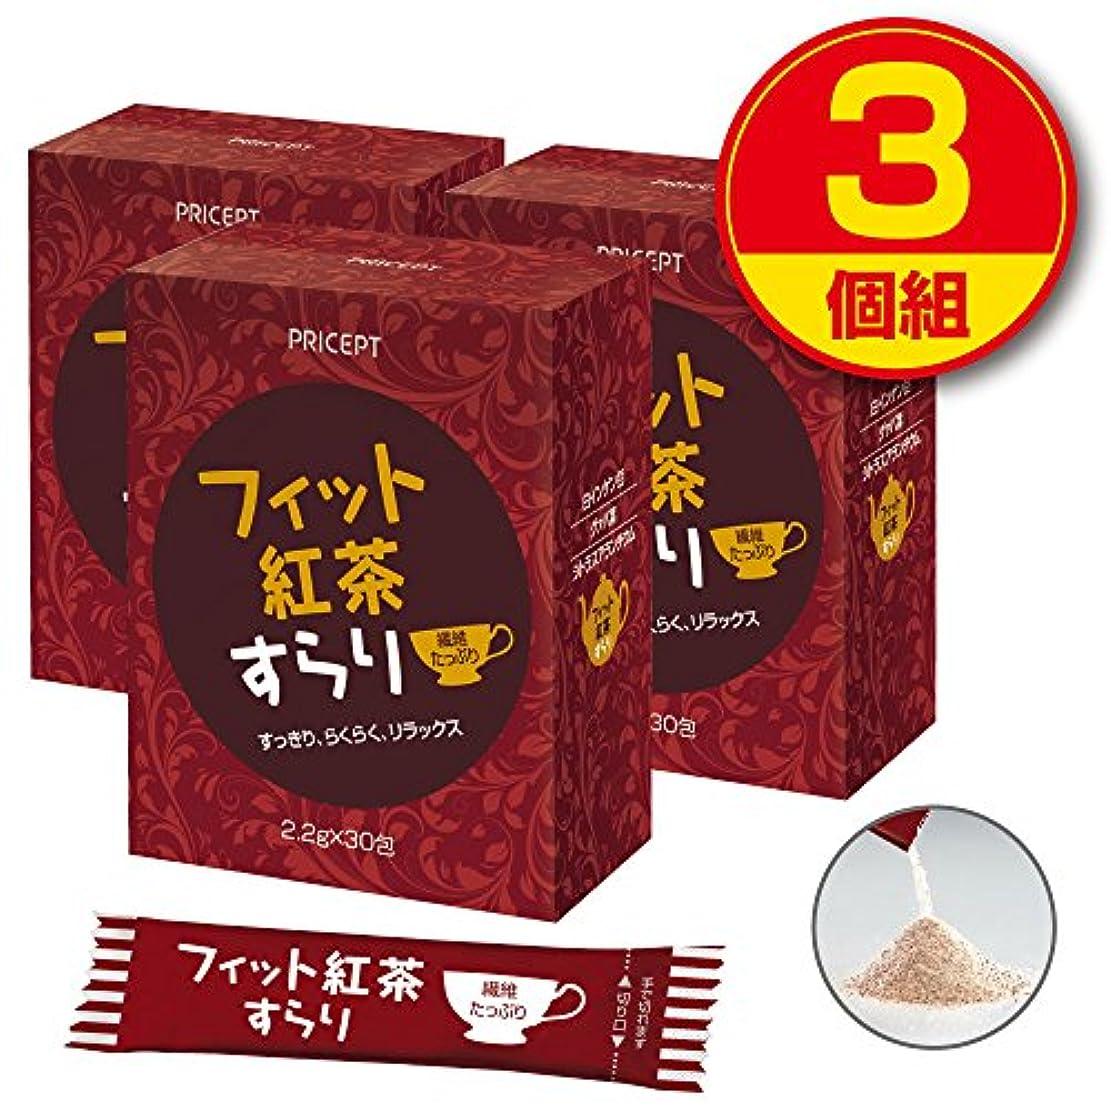 変わる前提偽善者プリセプト フィット紅茶すらり(30包)【3個組?90包】(食物繊維配合ダイエットサポート紅茶)